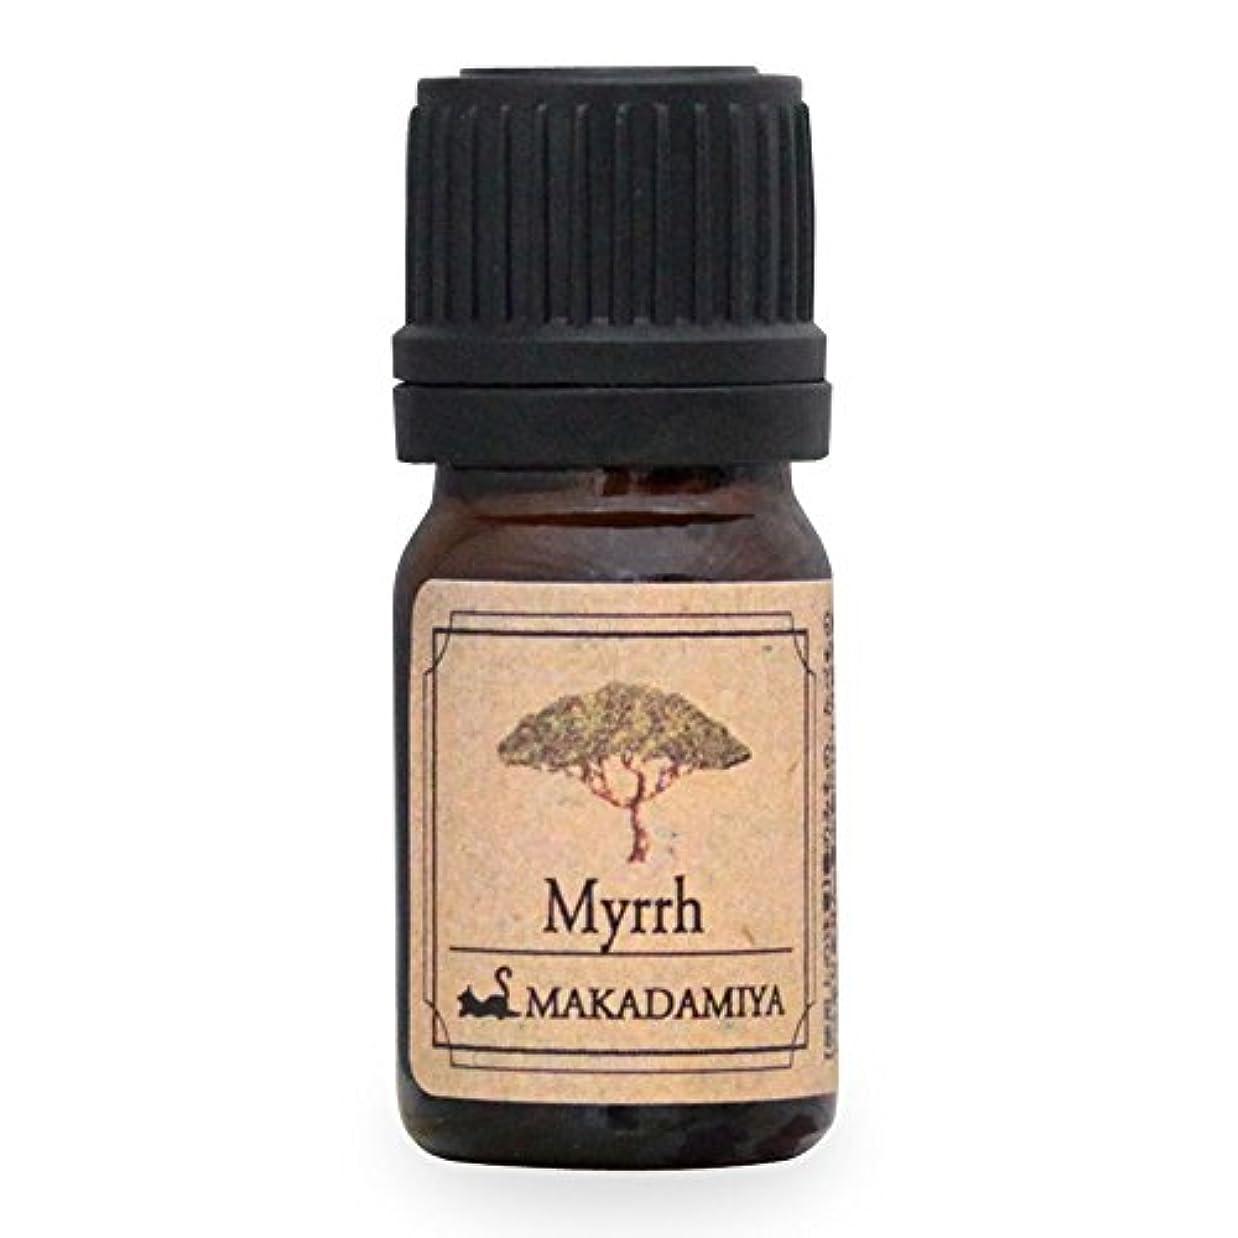 蒸気学期喪ミルラ5ml 天然100%植物性 エッセンシャルオイル(精油) アロマオイル アロママッサージ aroma Myrrh